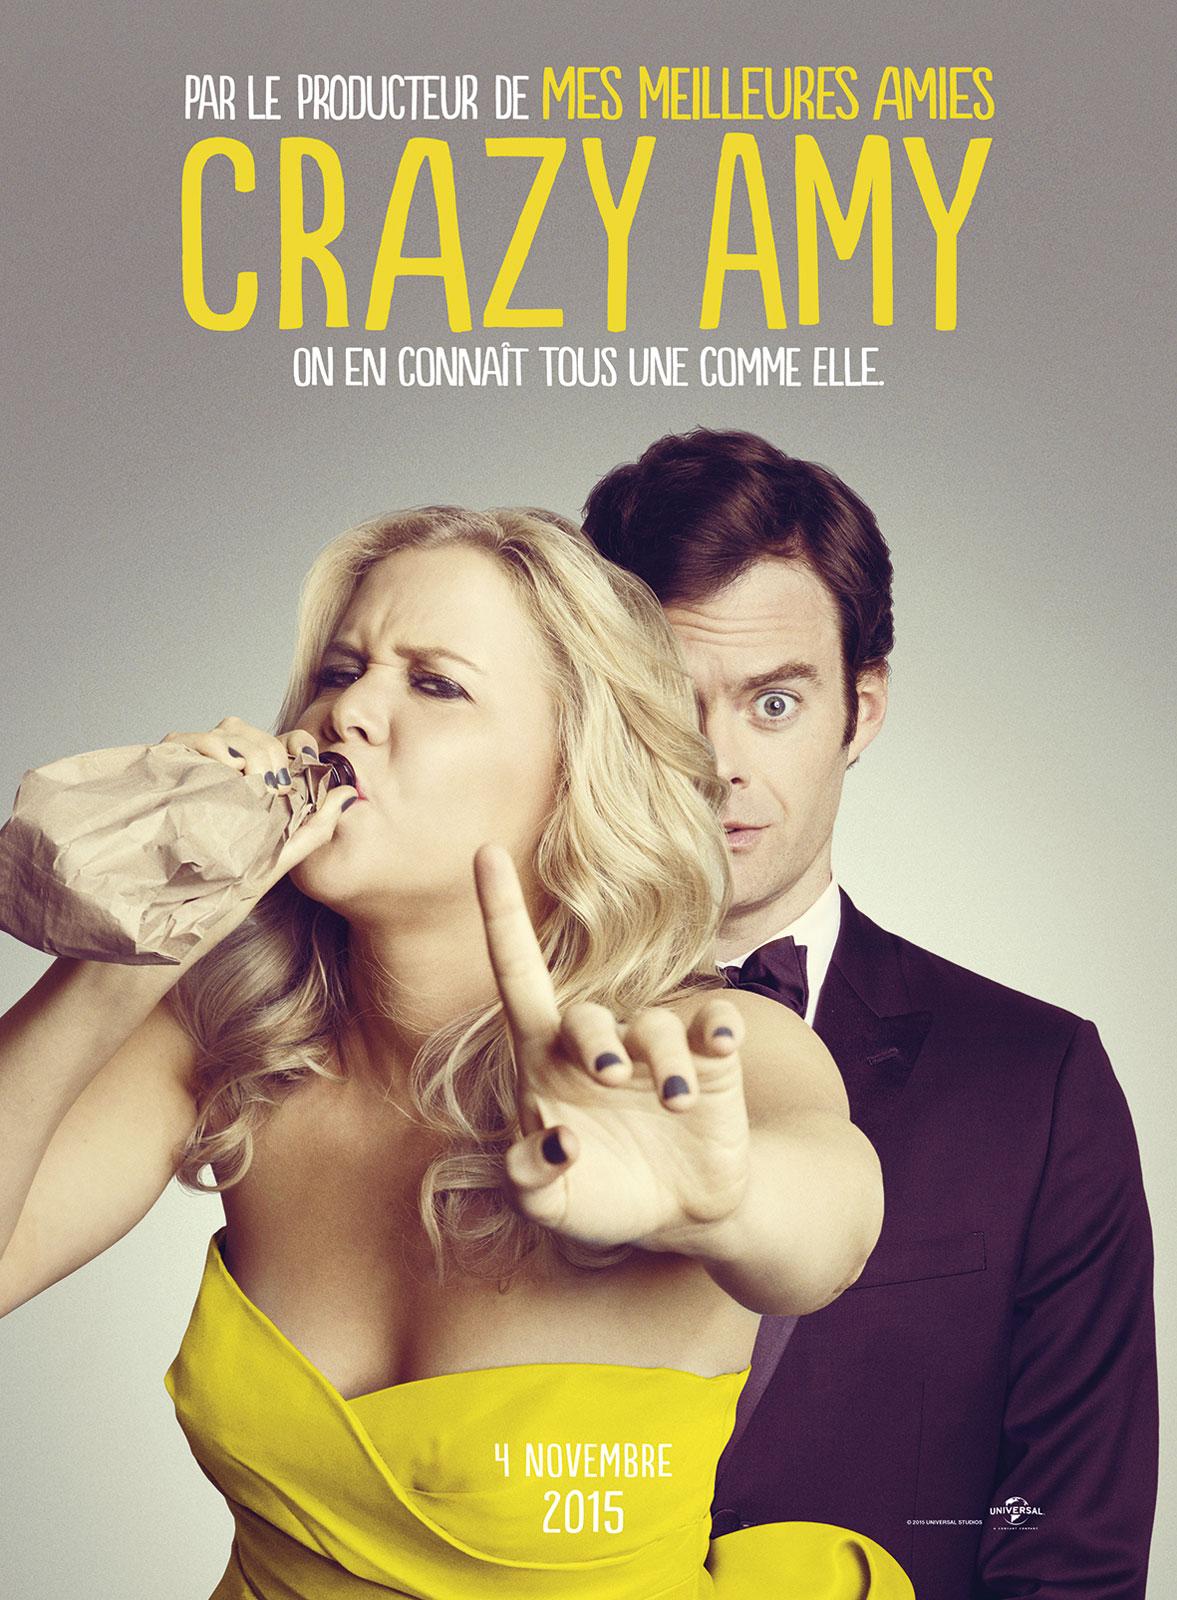 Crazy Amy de Judd Apatow